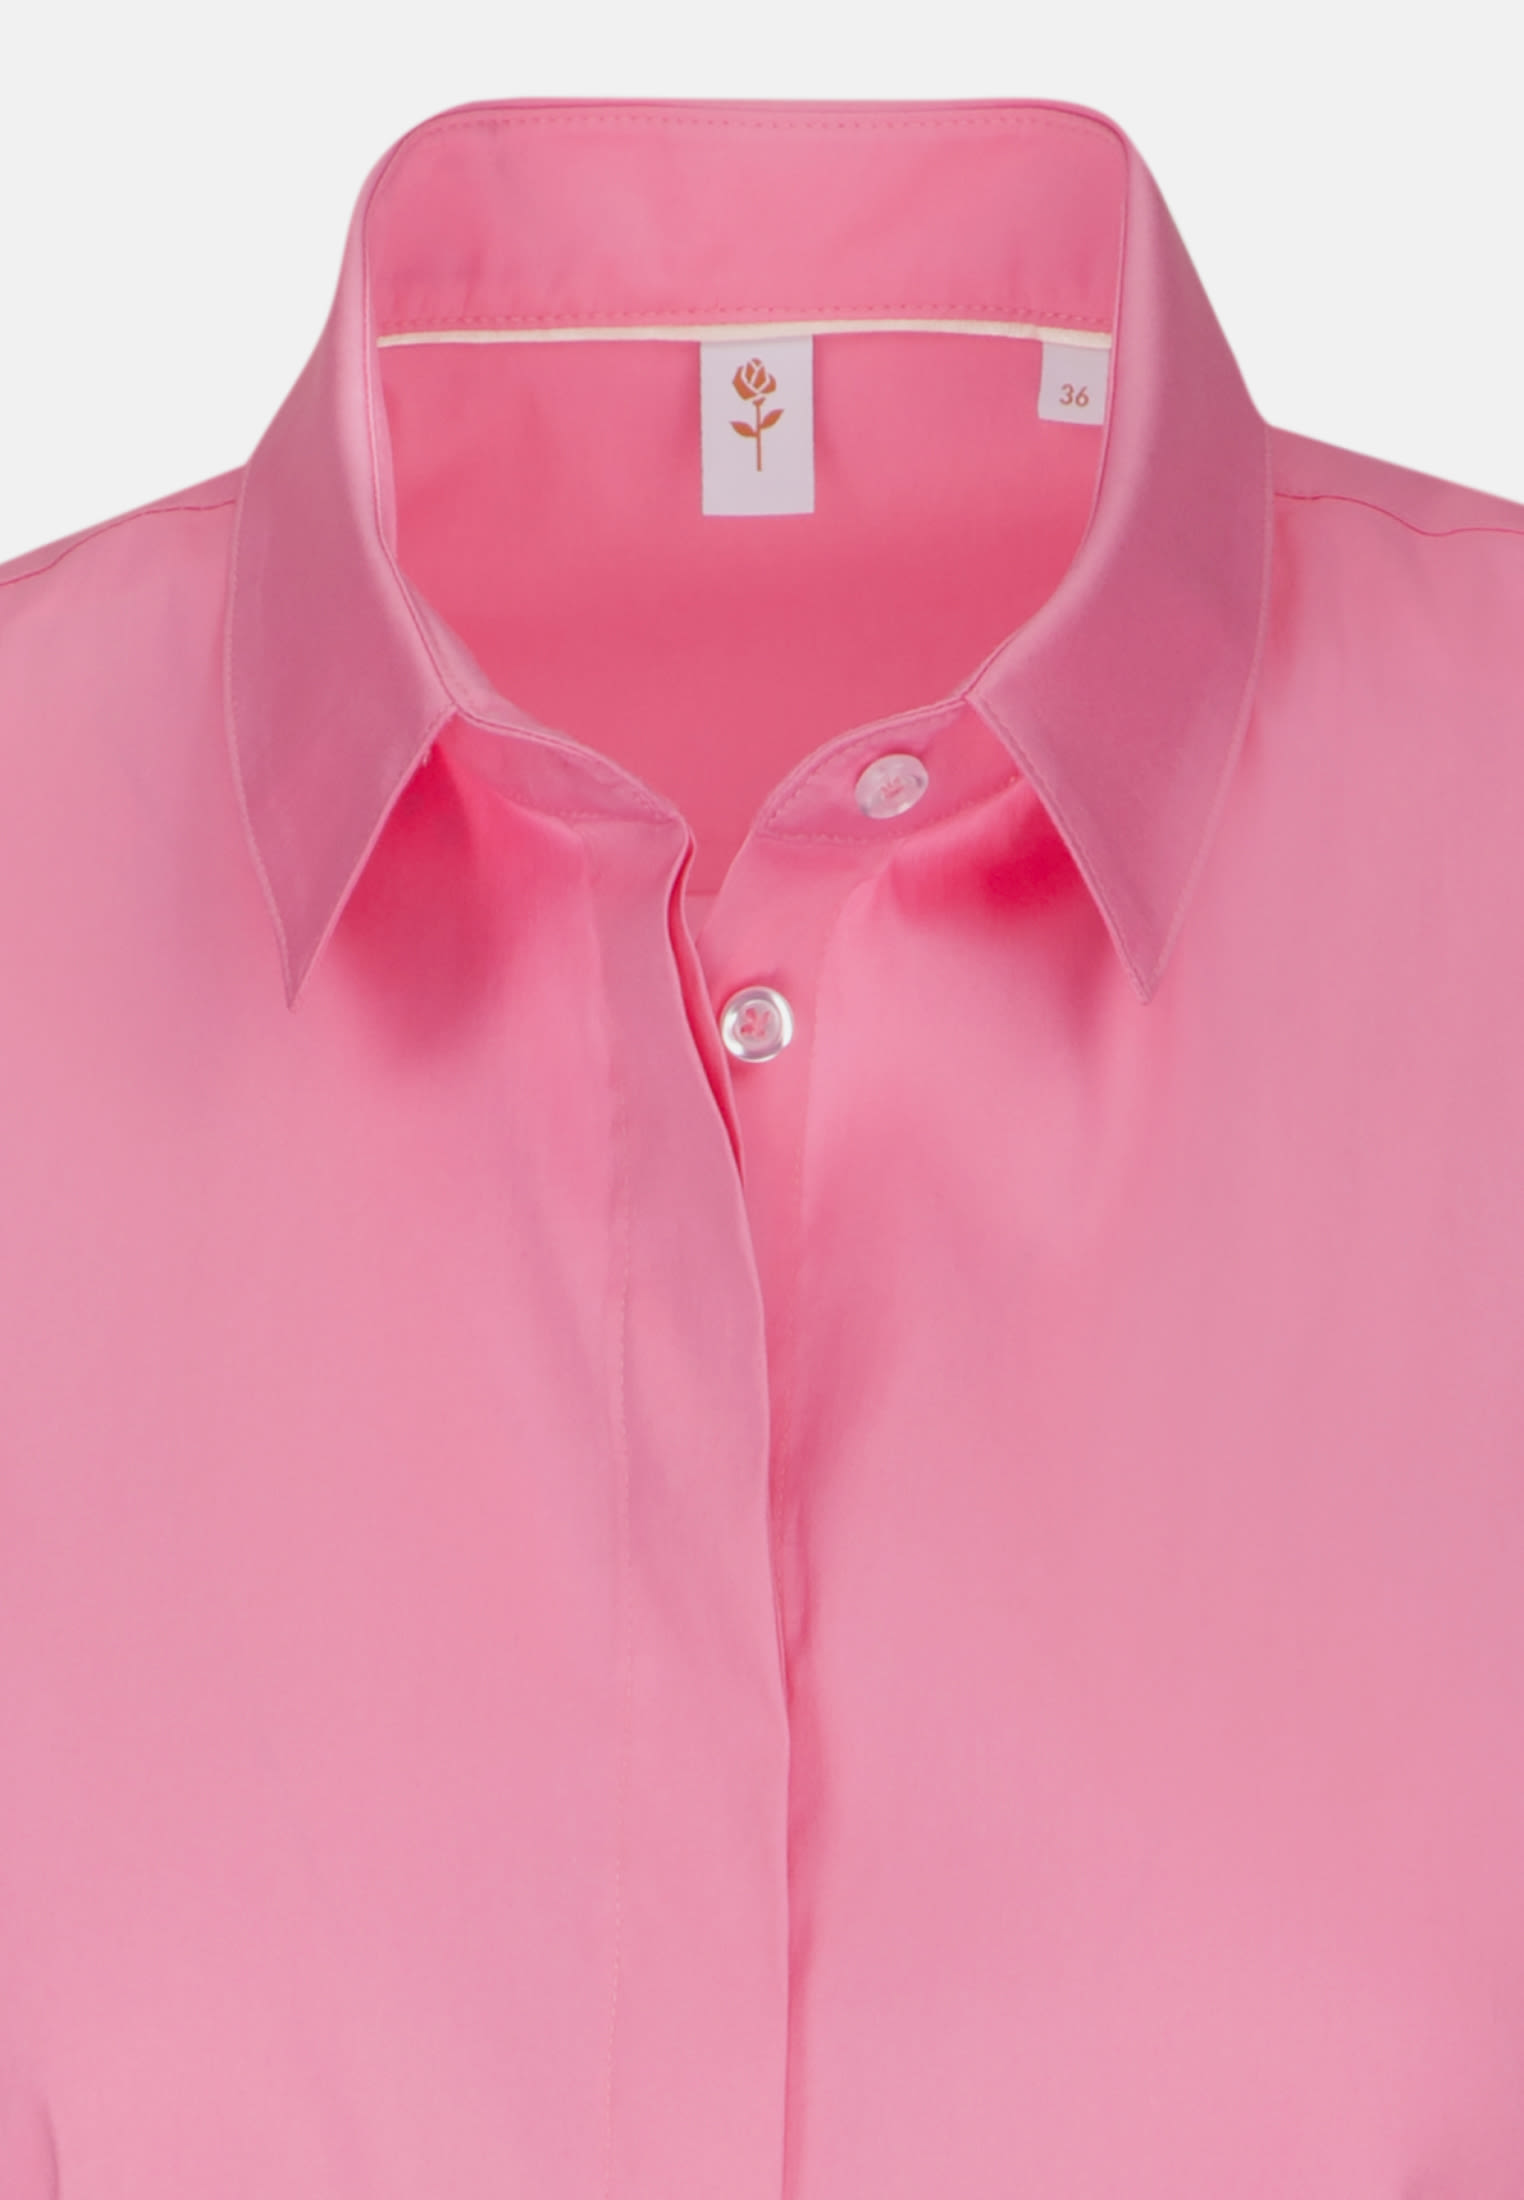 Ärmellose Popeline Hemdbluse aus 81% Baumwolle 16% Polyamid/Nylon 3% Elastan in Rosa/Pink |  Seidensticker Onlineshop